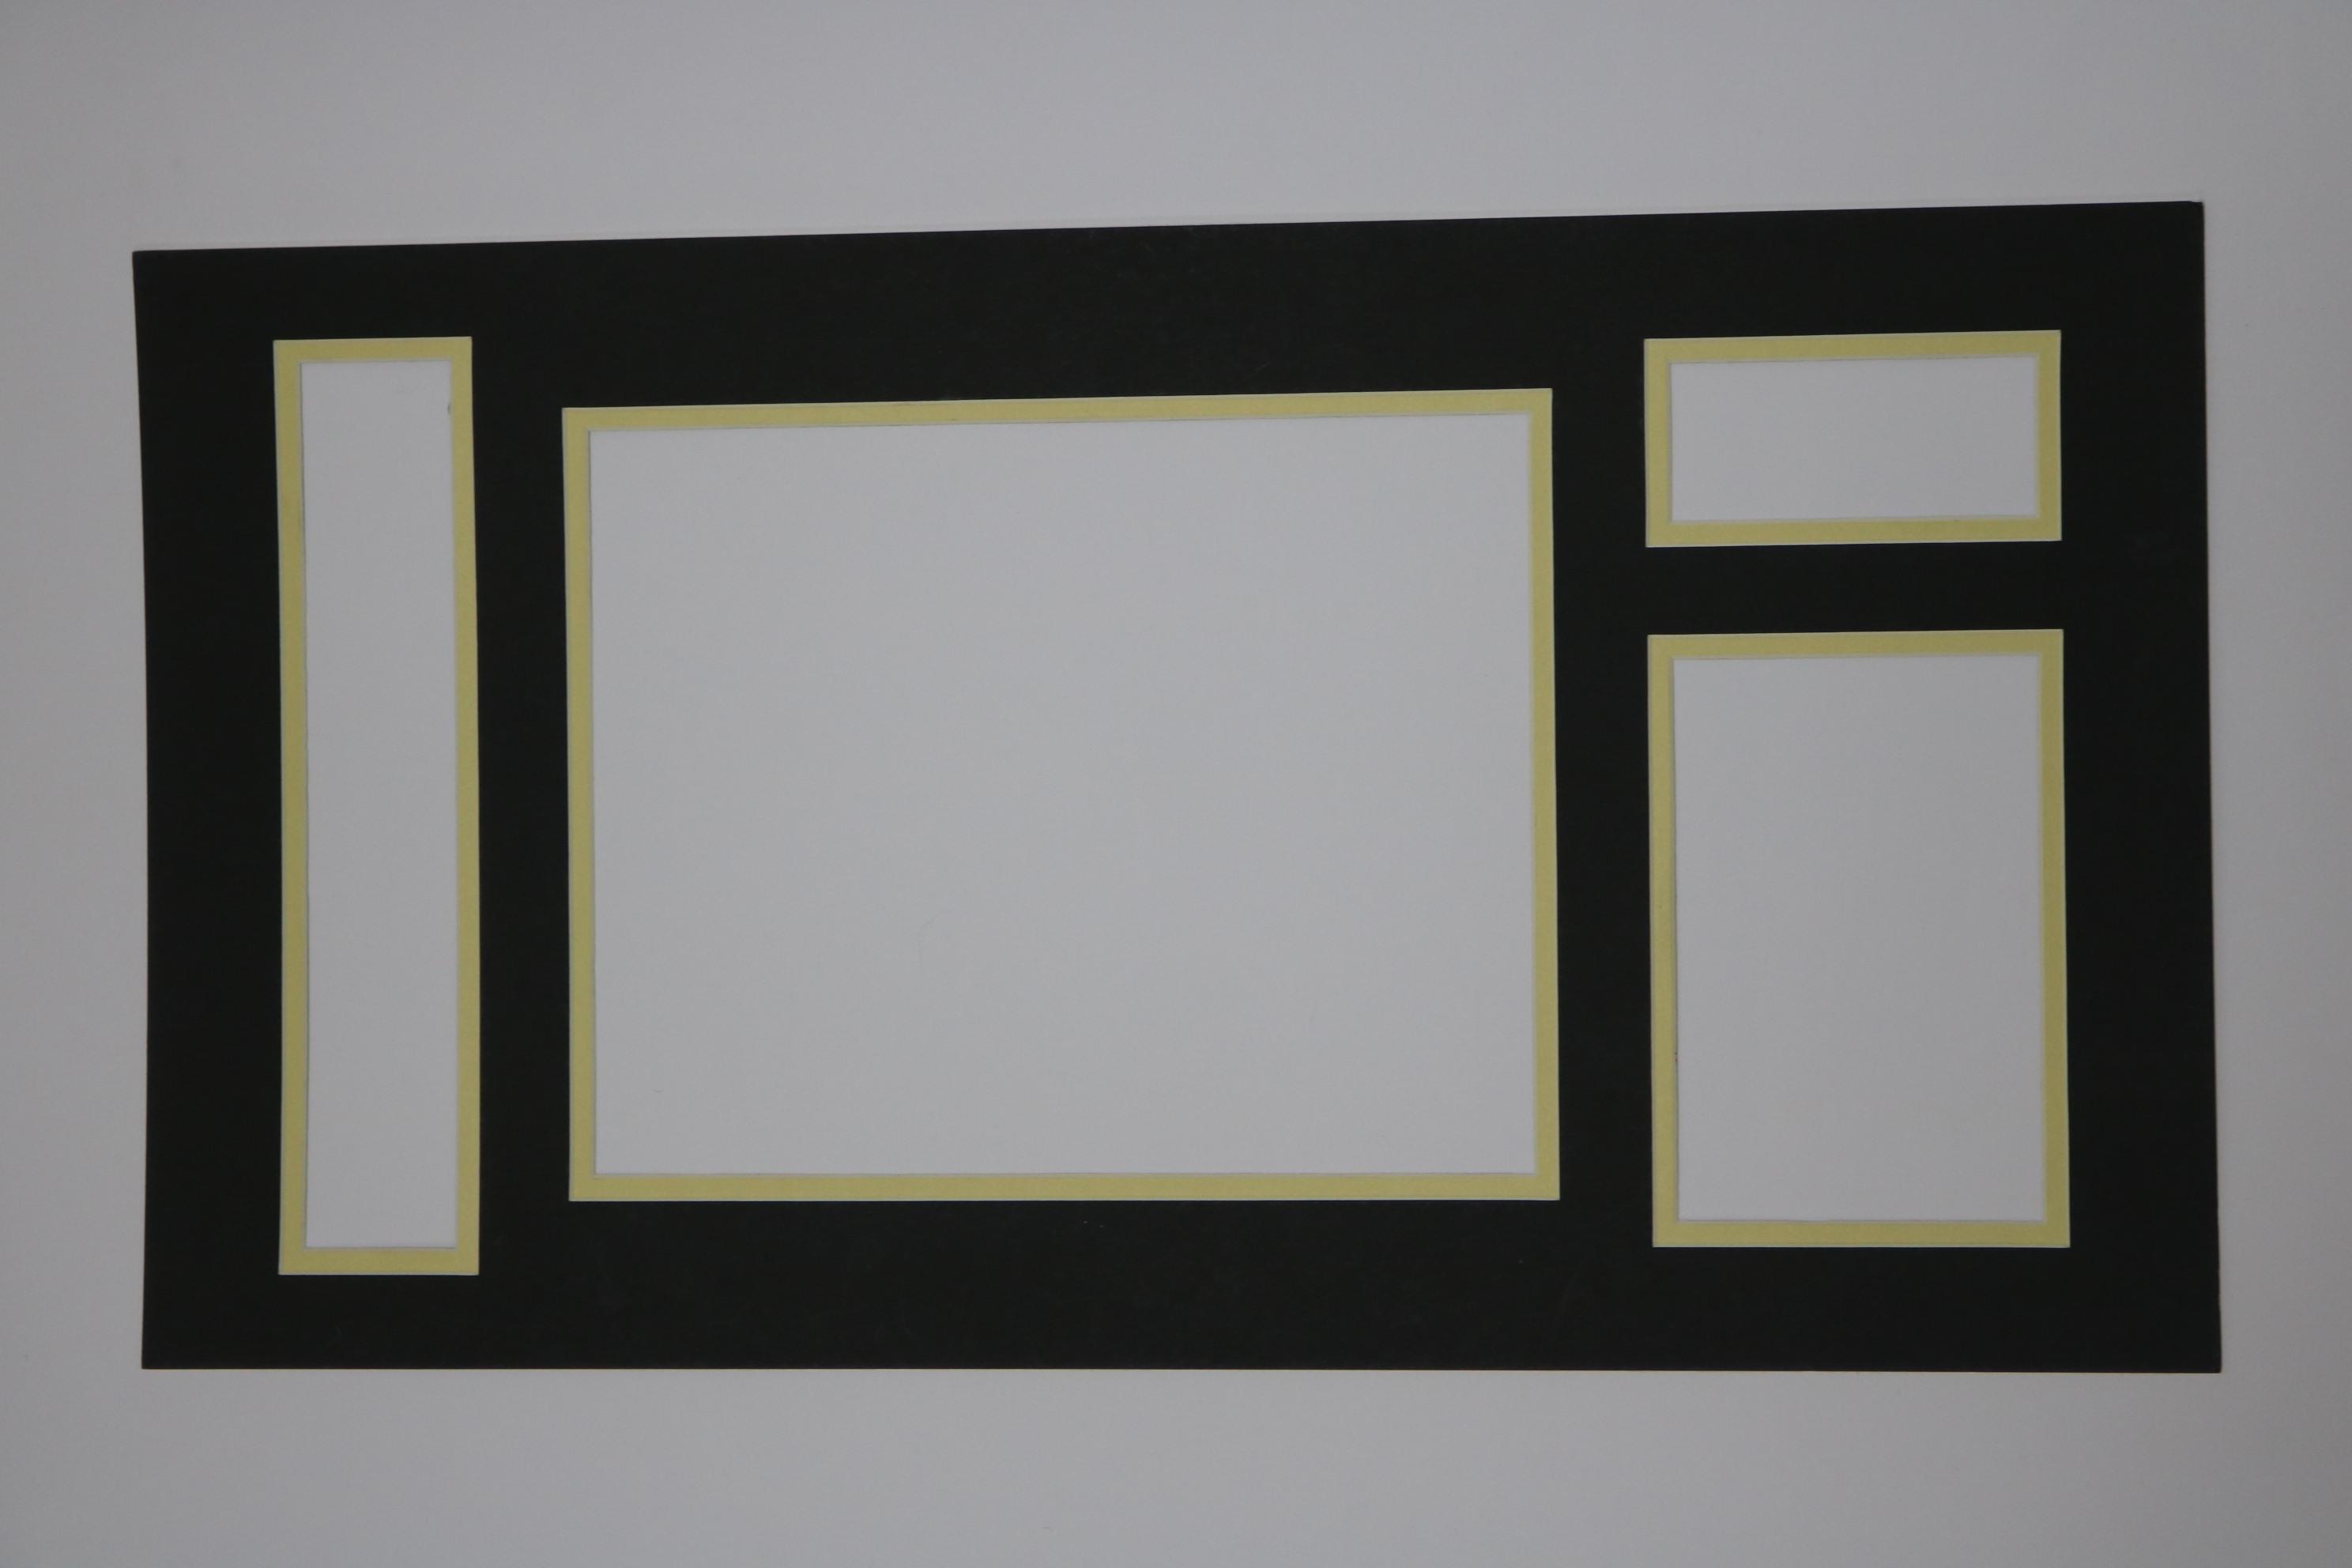 双层多孔相框内衬纸